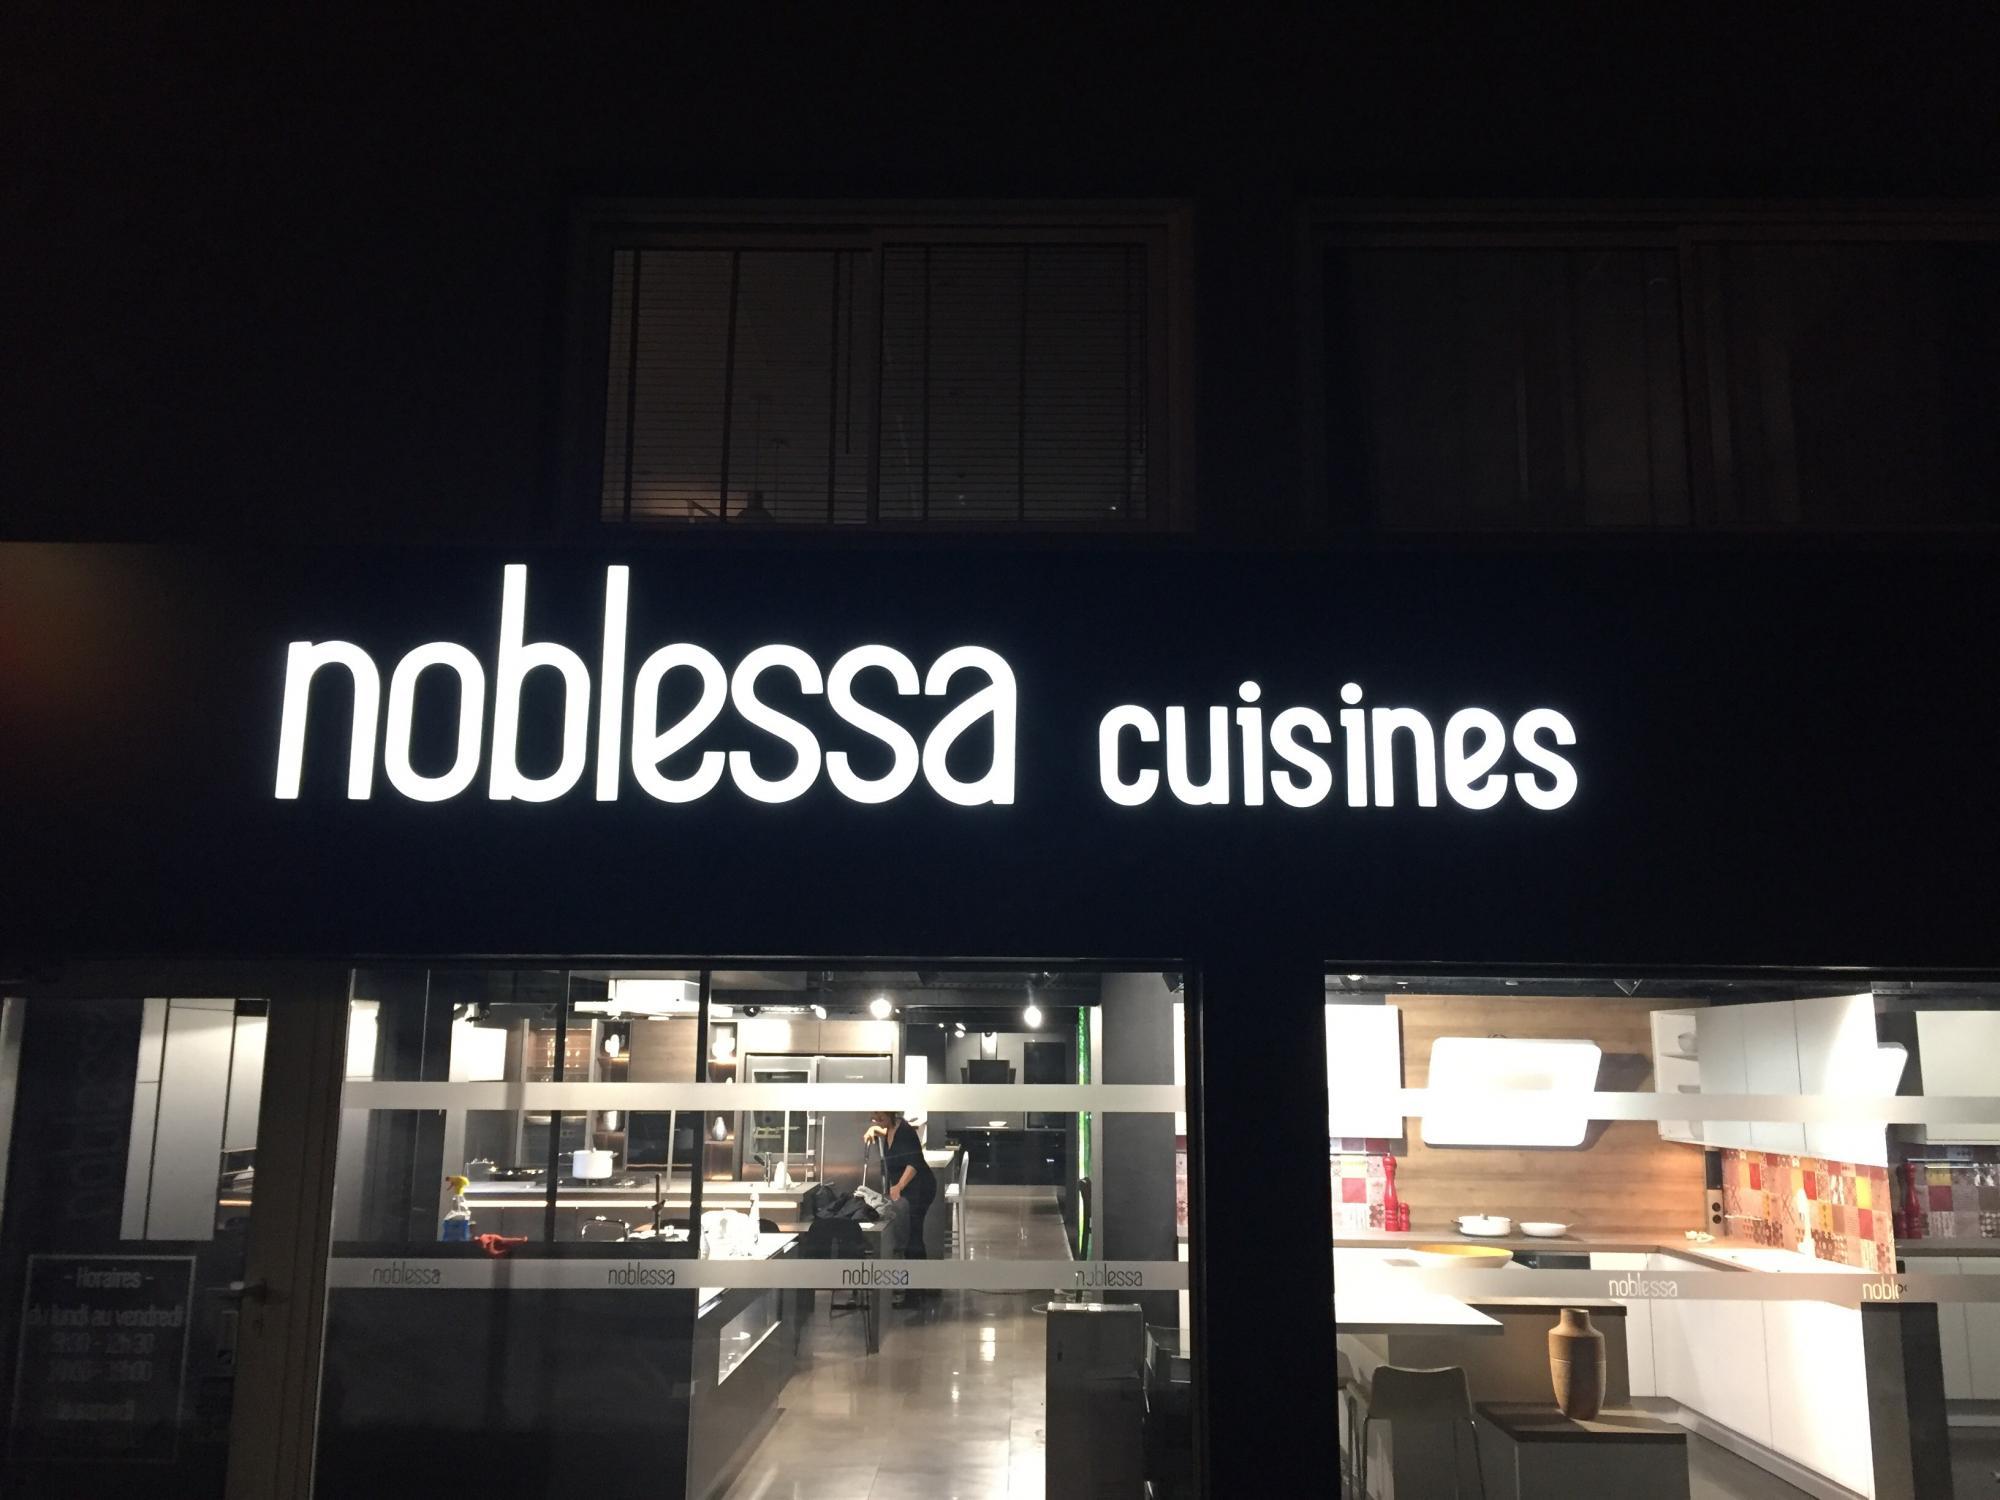 Enseigne Noblessa Cuisines Puget Sur Argens Toulon - Noblessa cuisine